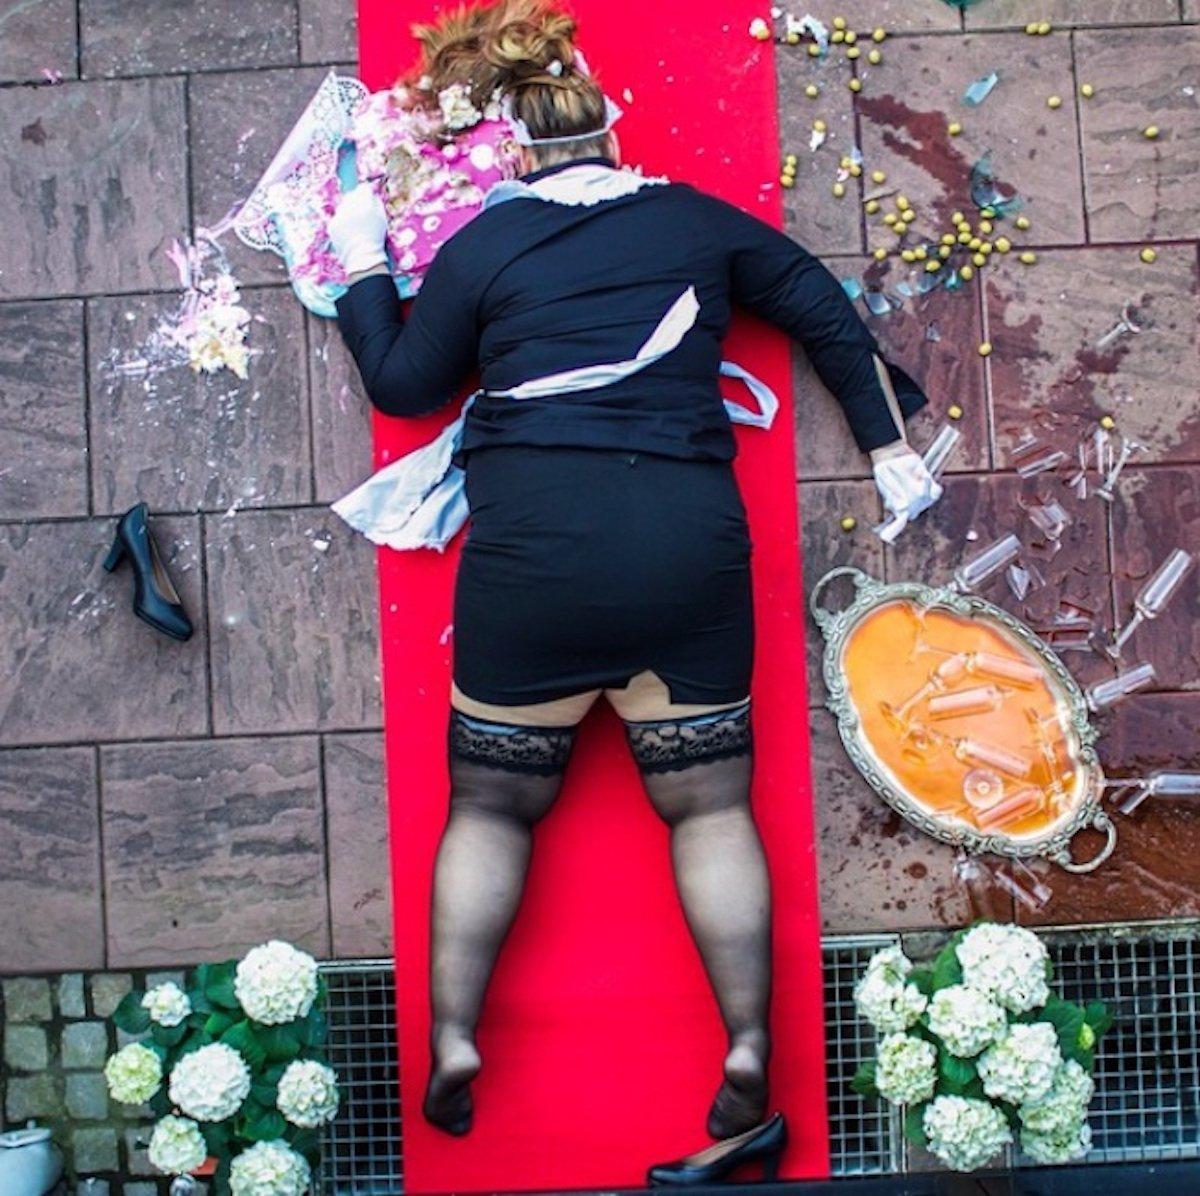 sandro giordano in extremis stolpern hausfrau housemaid sekt kuchen cake glas scherben roter teppich dick fett